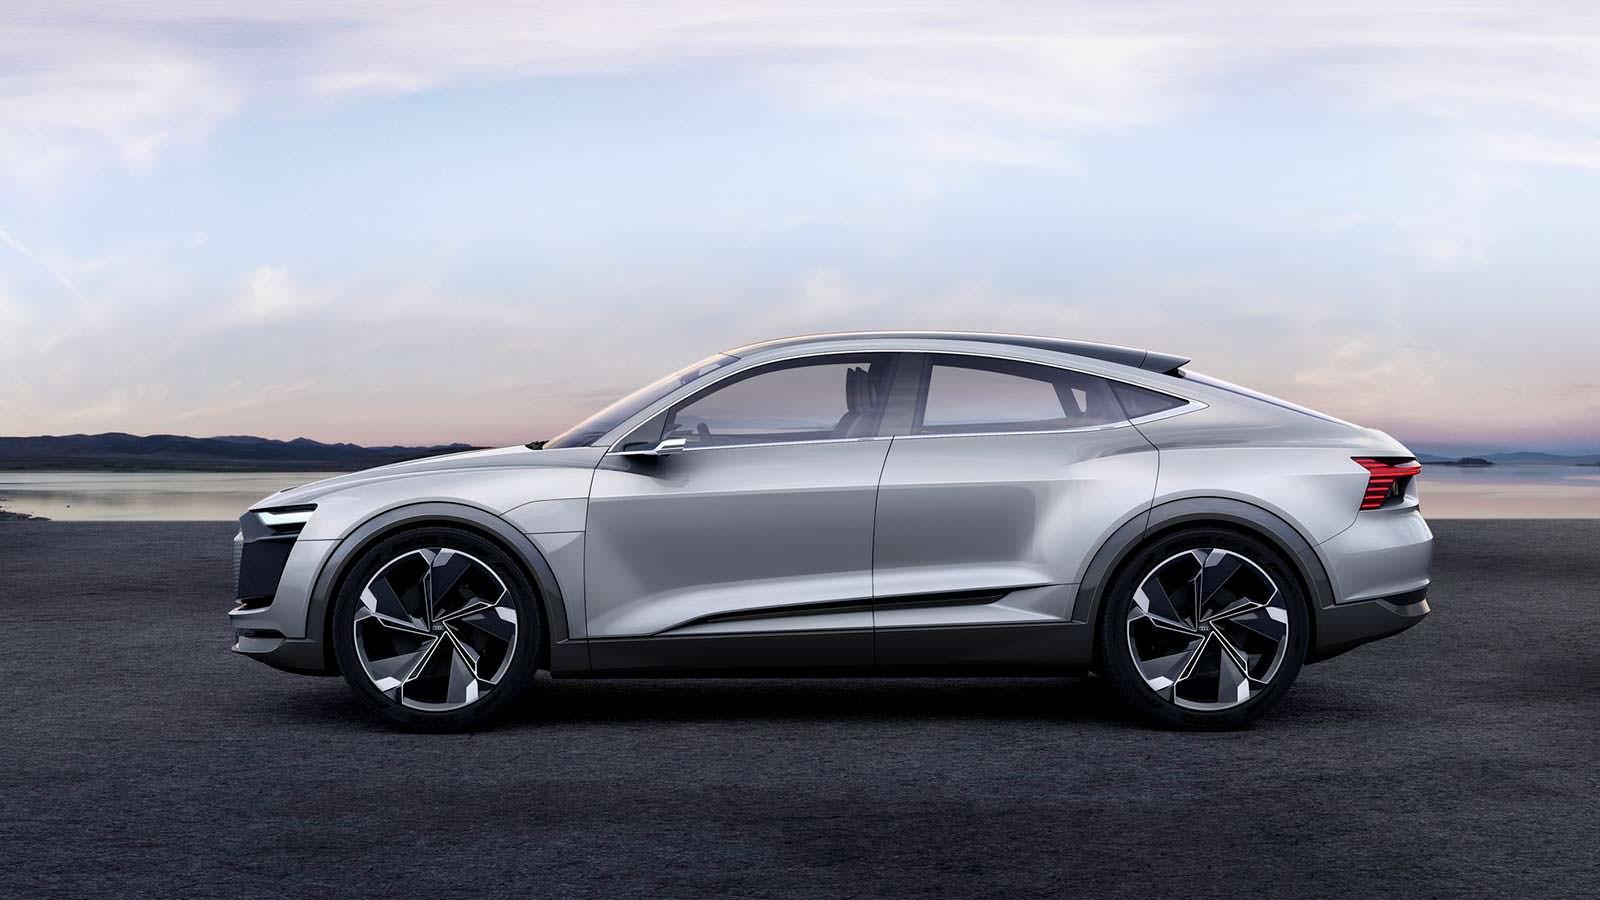 Фото   Купеобразный кроссовер Audi E-Tron Sportback Concept